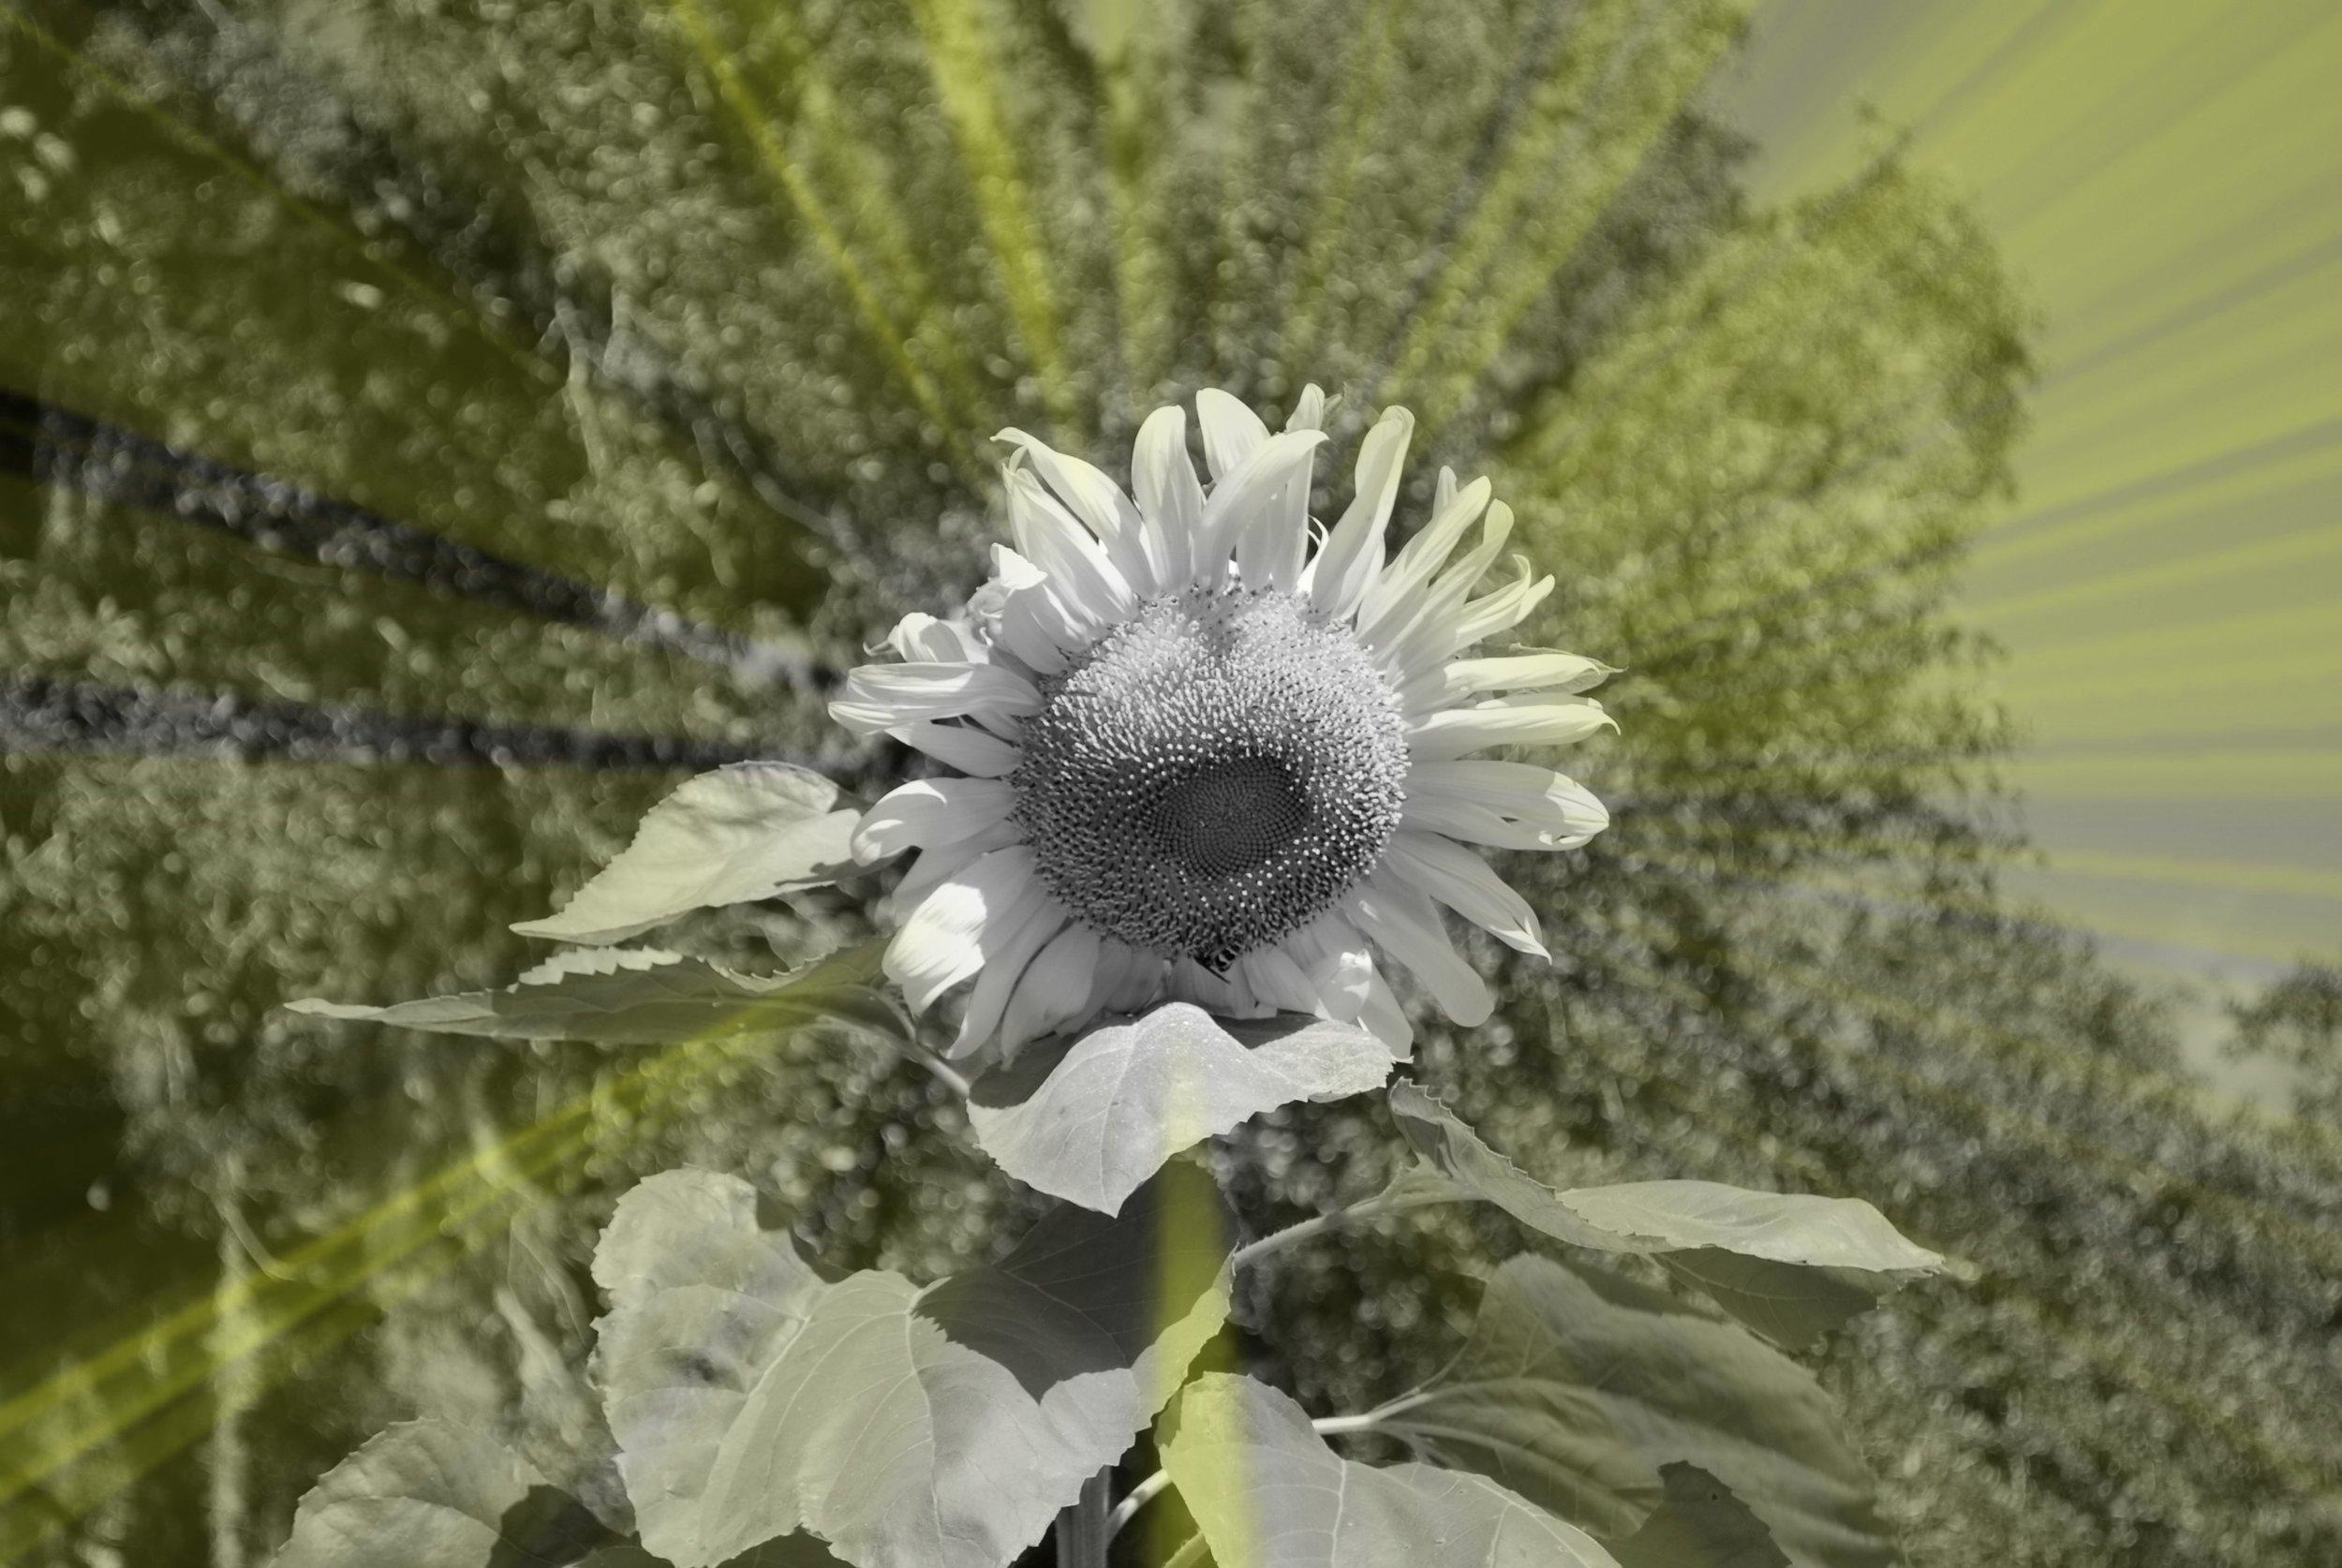 sunnyflower